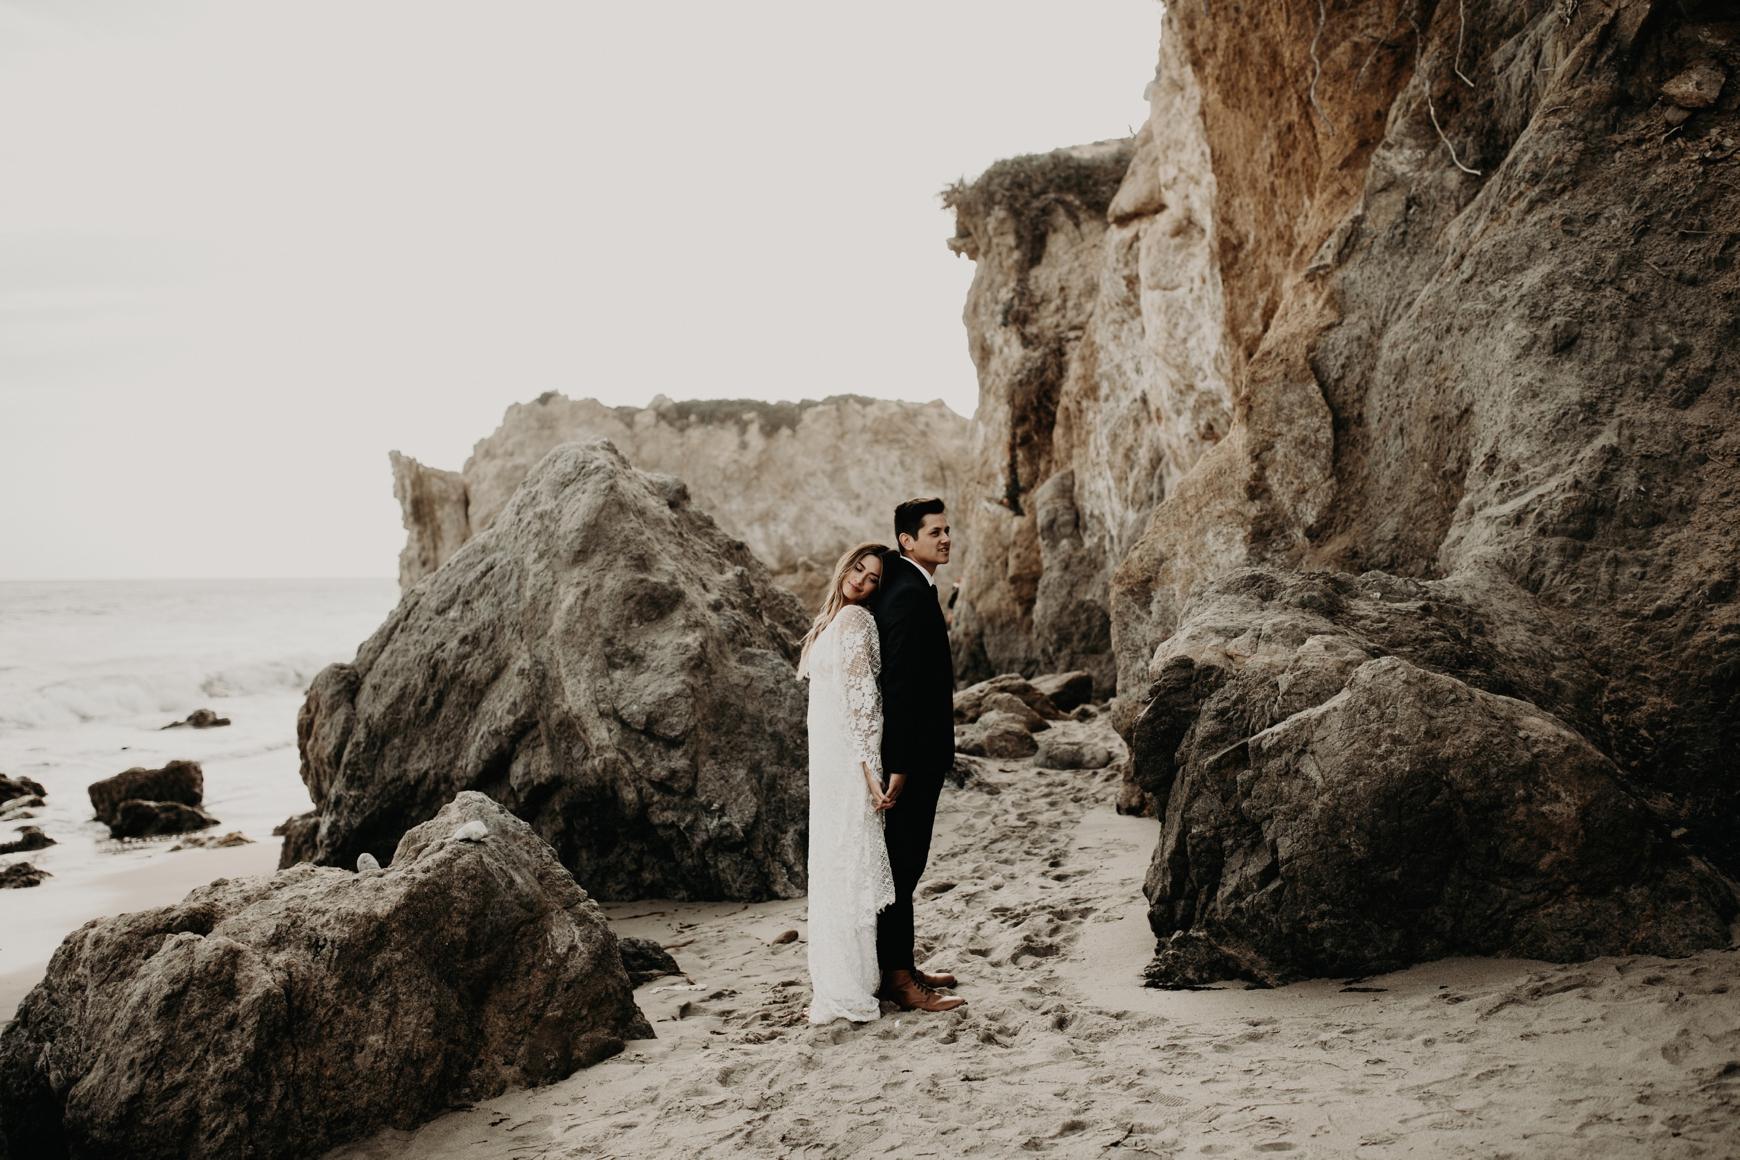 El Matador Beach Bridal Portraits Justellen & TJ Emily Magers Photography-187Emily Magers Photography.jpg